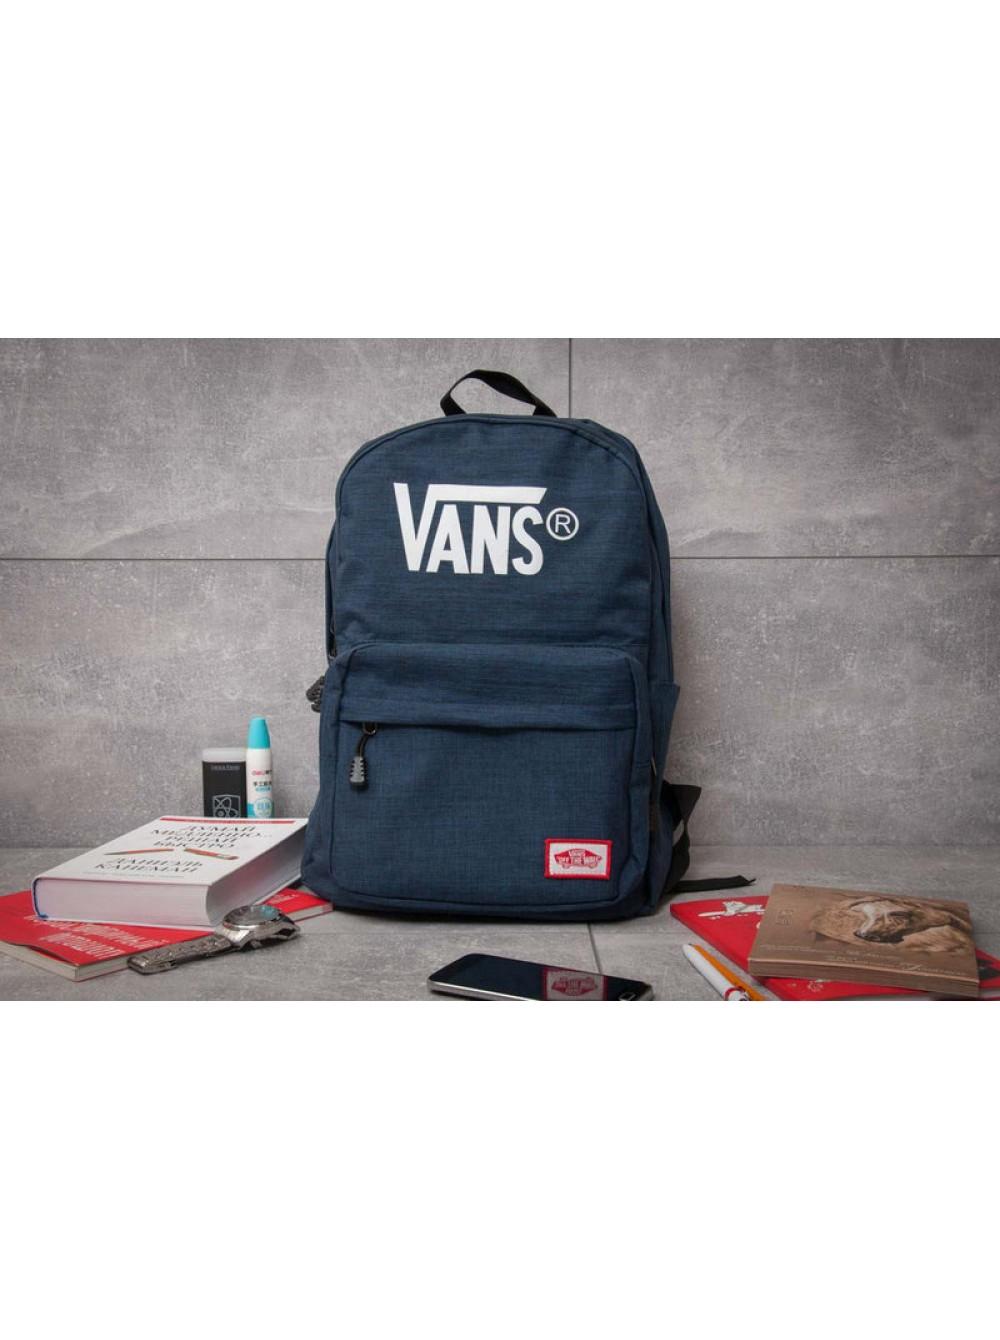 fca5a1e99a16 Модный рюкзак Vans, Cиний Купить Киев